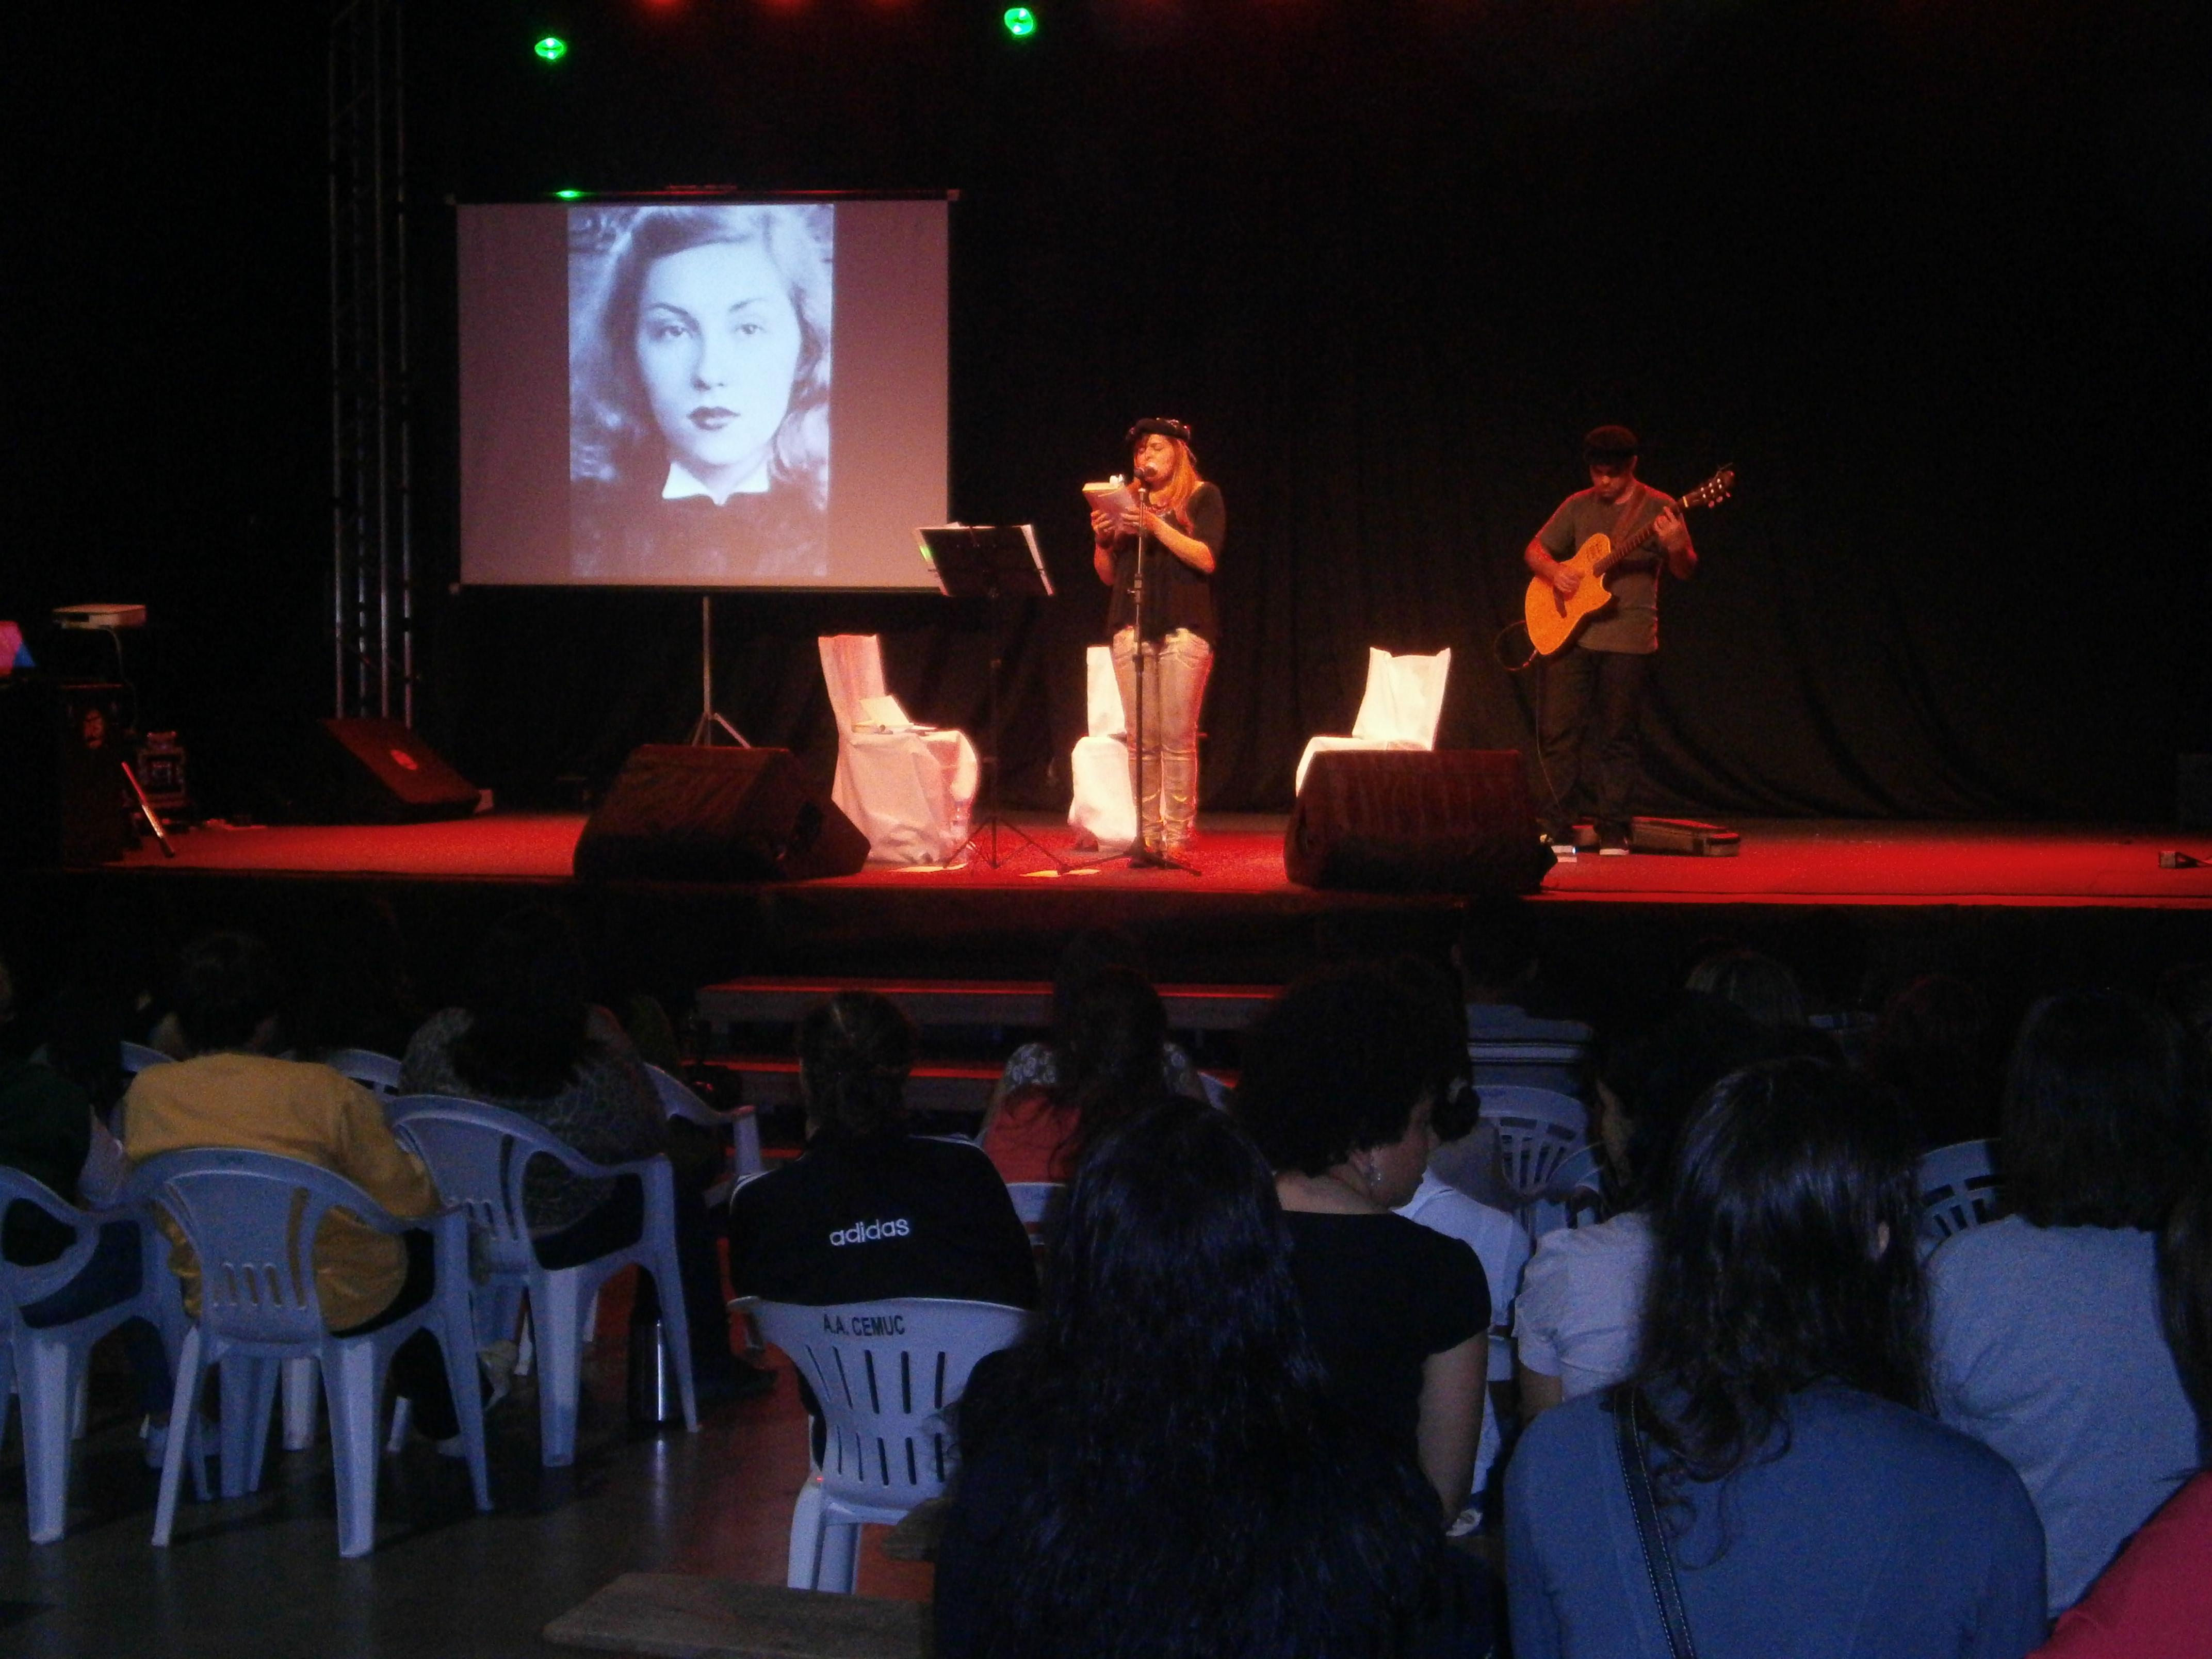 Sarau de Angélica Rizzi reuniu bom público na noite de sexta (06/09)